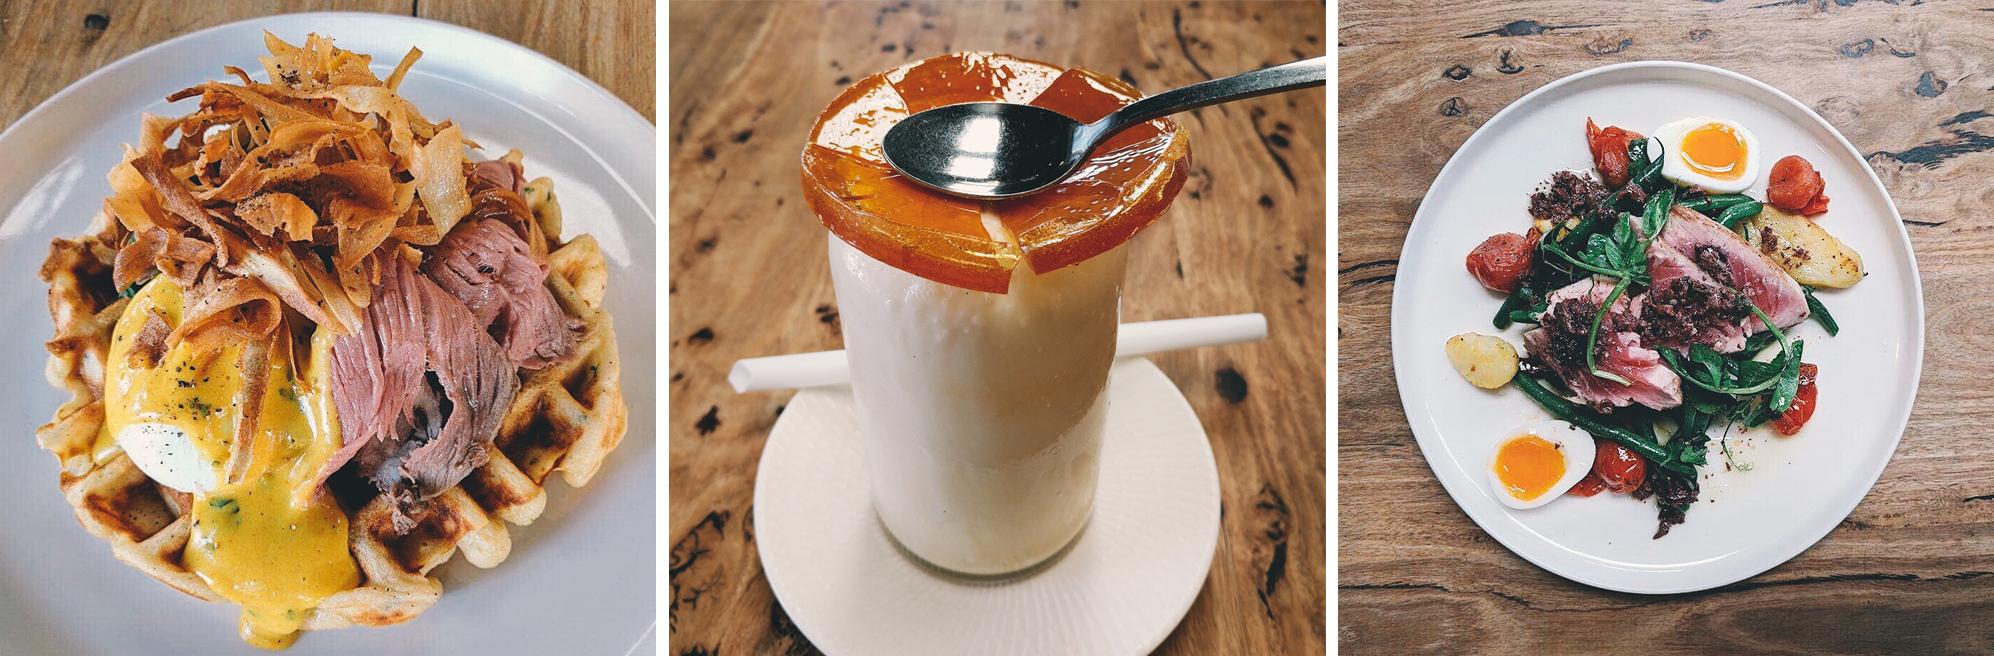 HendriksCafe-Food23.2.17